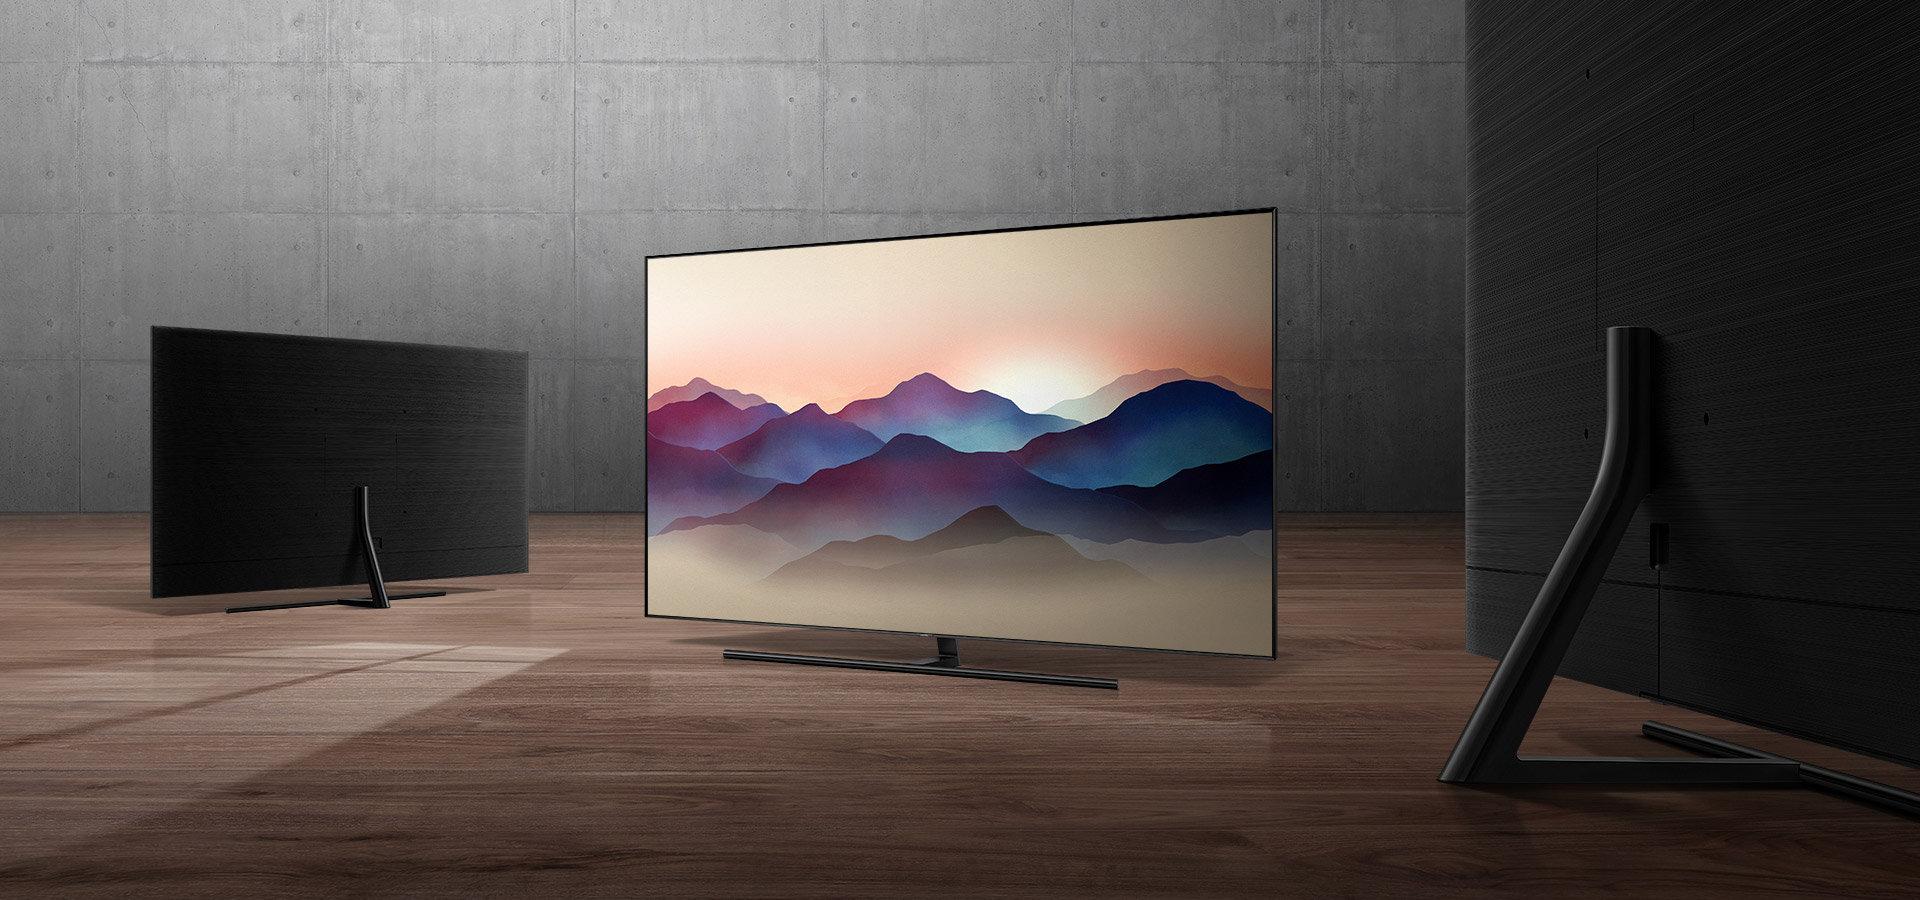 tv price in Bangladesh 2020